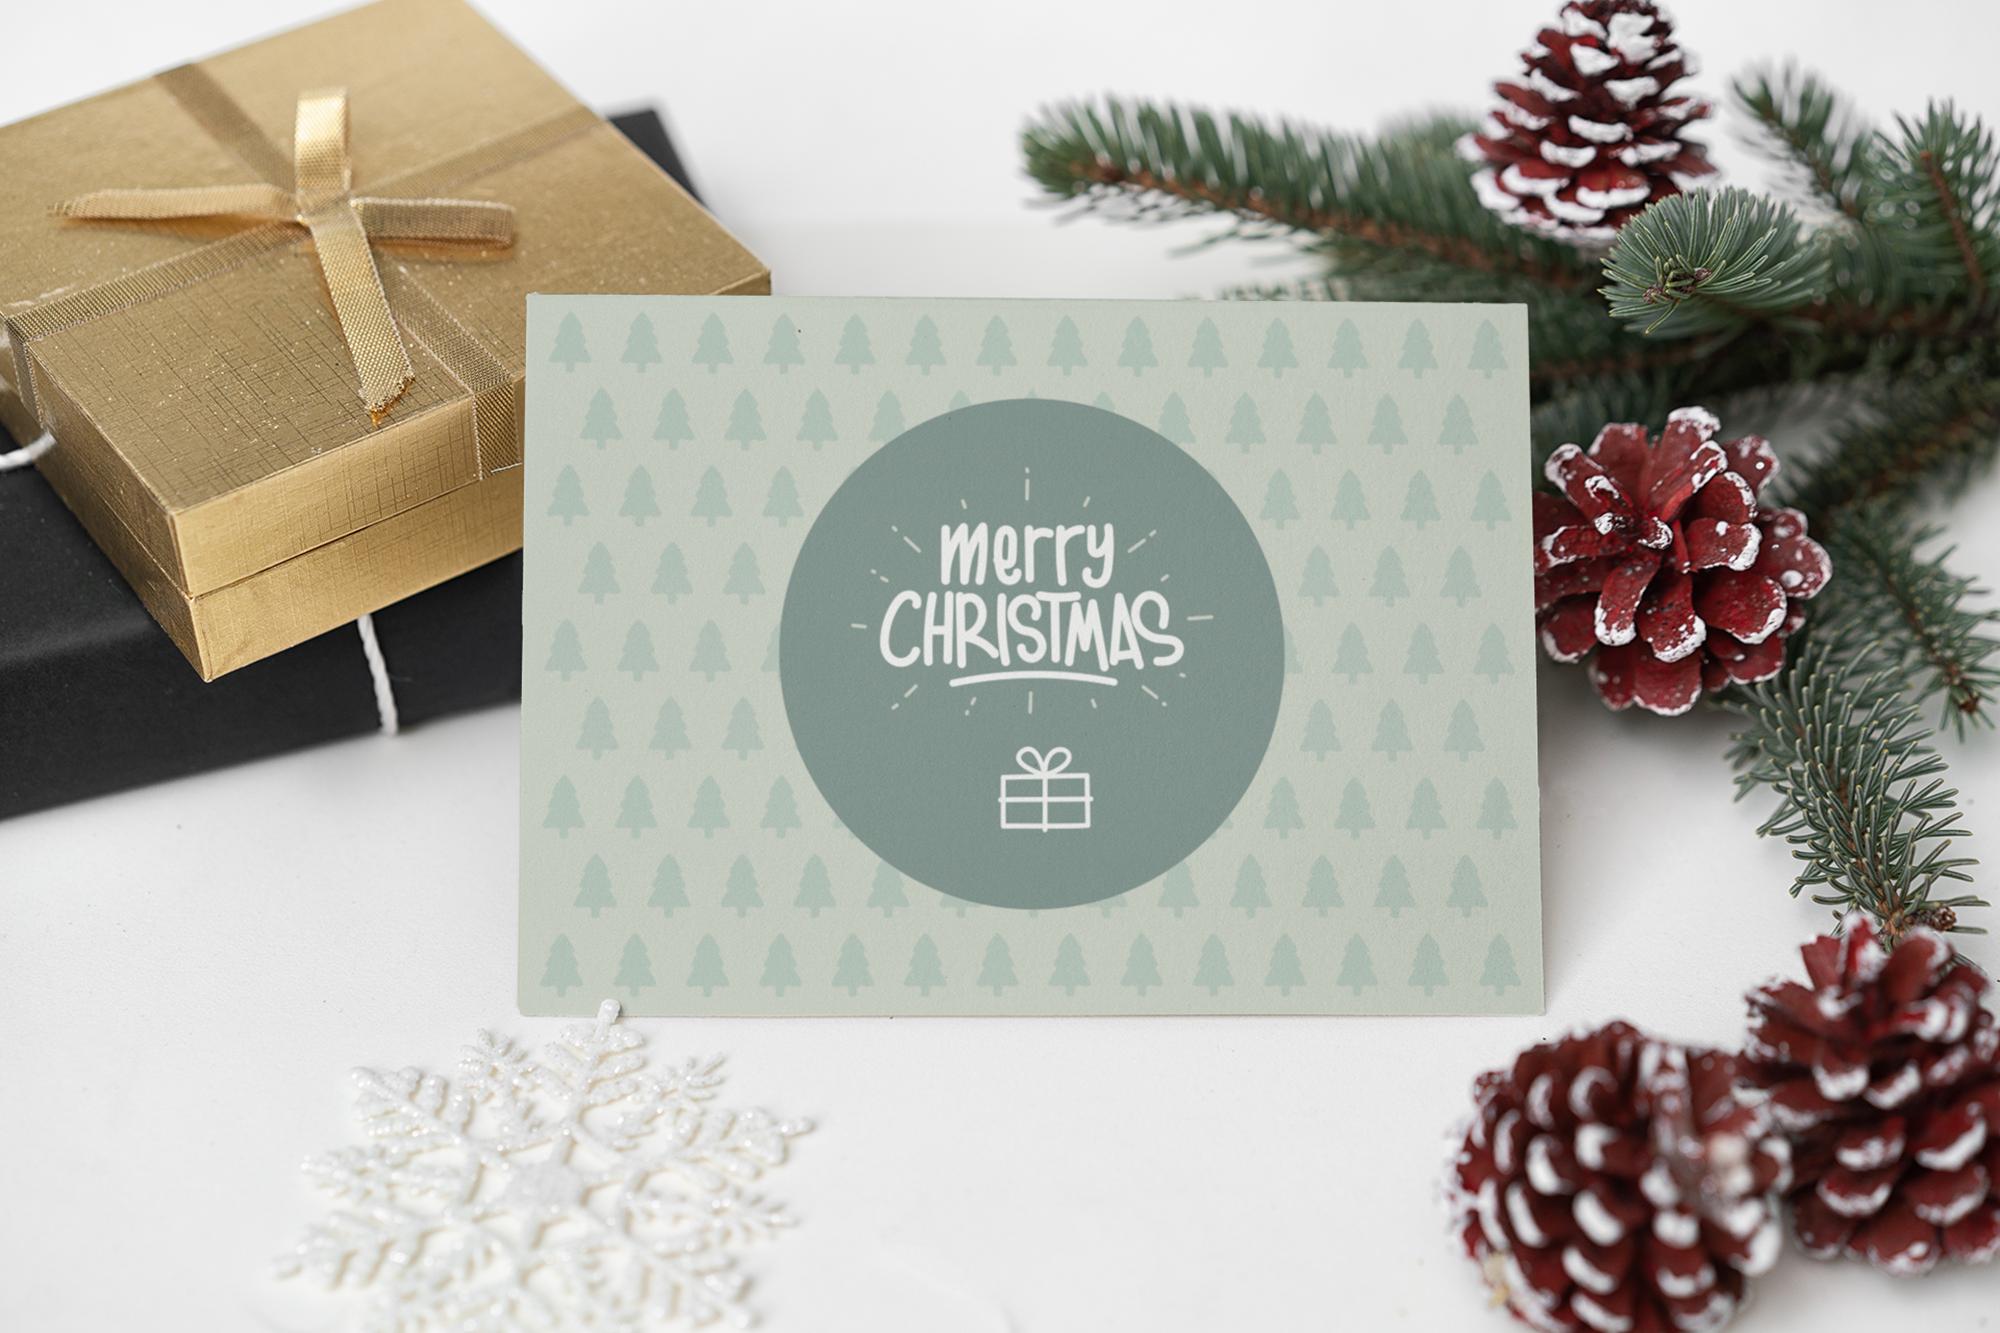 Vintage Christmas Card Digital Download Cute Christmas Card Merry Christmas Card Digital Download Printable Merry Christmas Cards In 2020 Merry Christmas Card Vintage Christmas Cards Christmas Cards